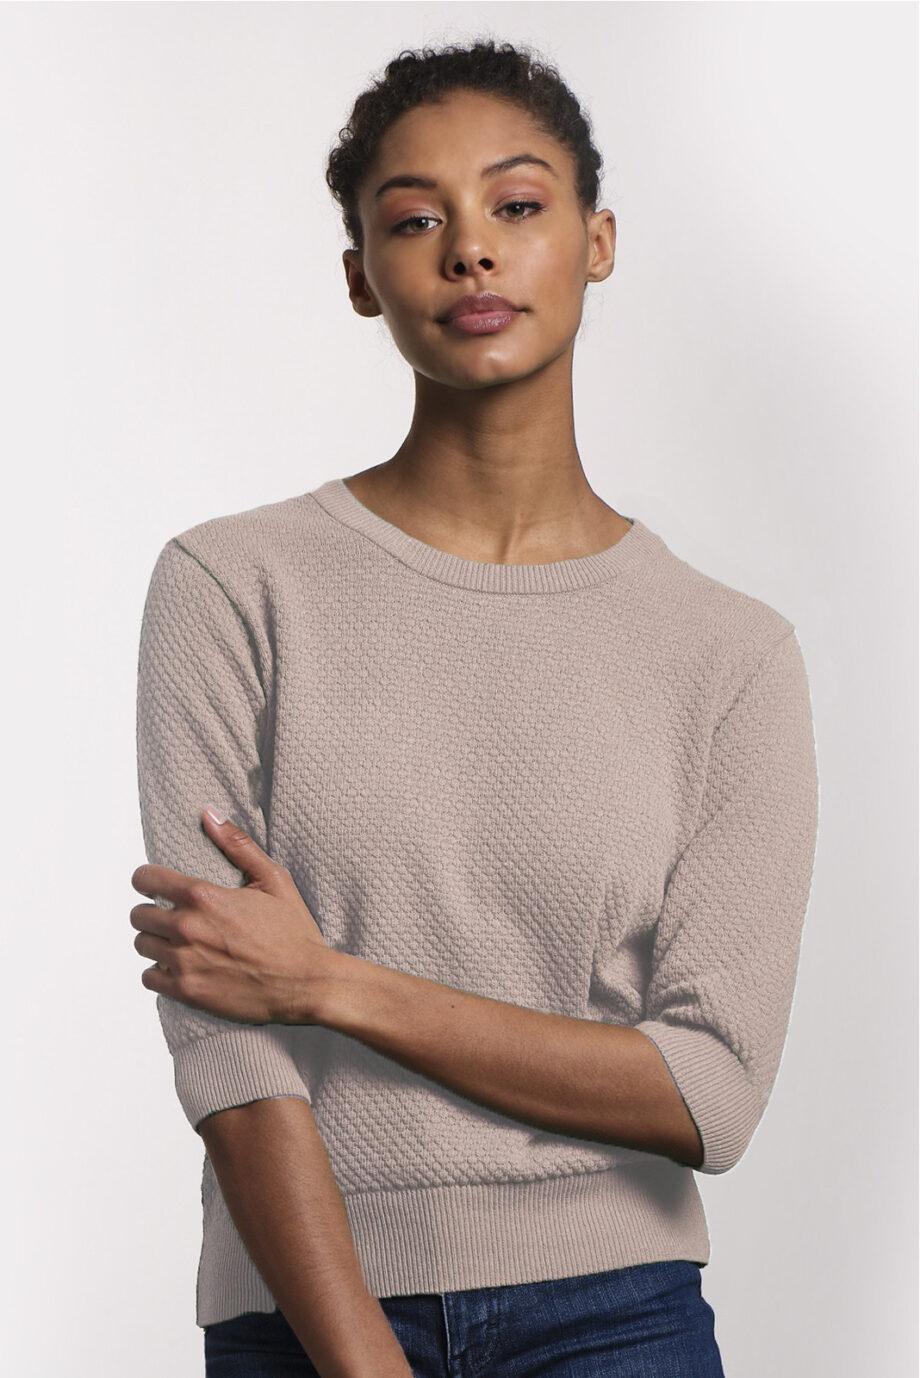 Summer Sweater_Loopalife_Nude_voor